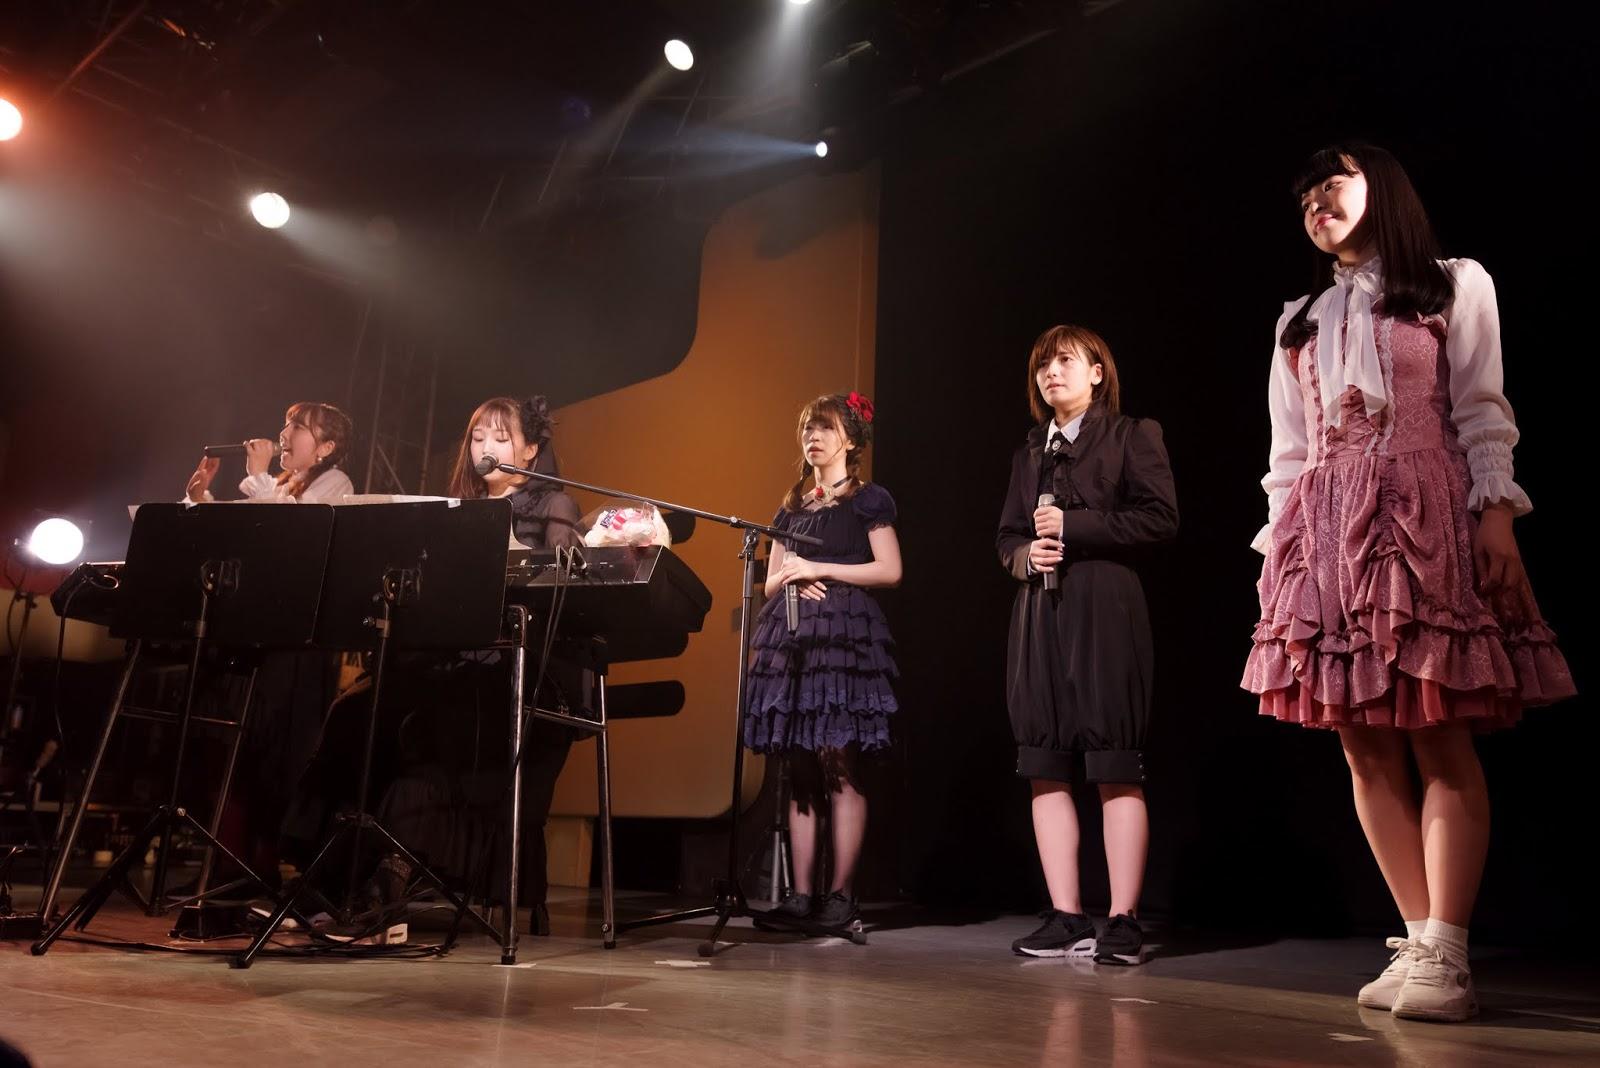 高森紫乃生誕祭